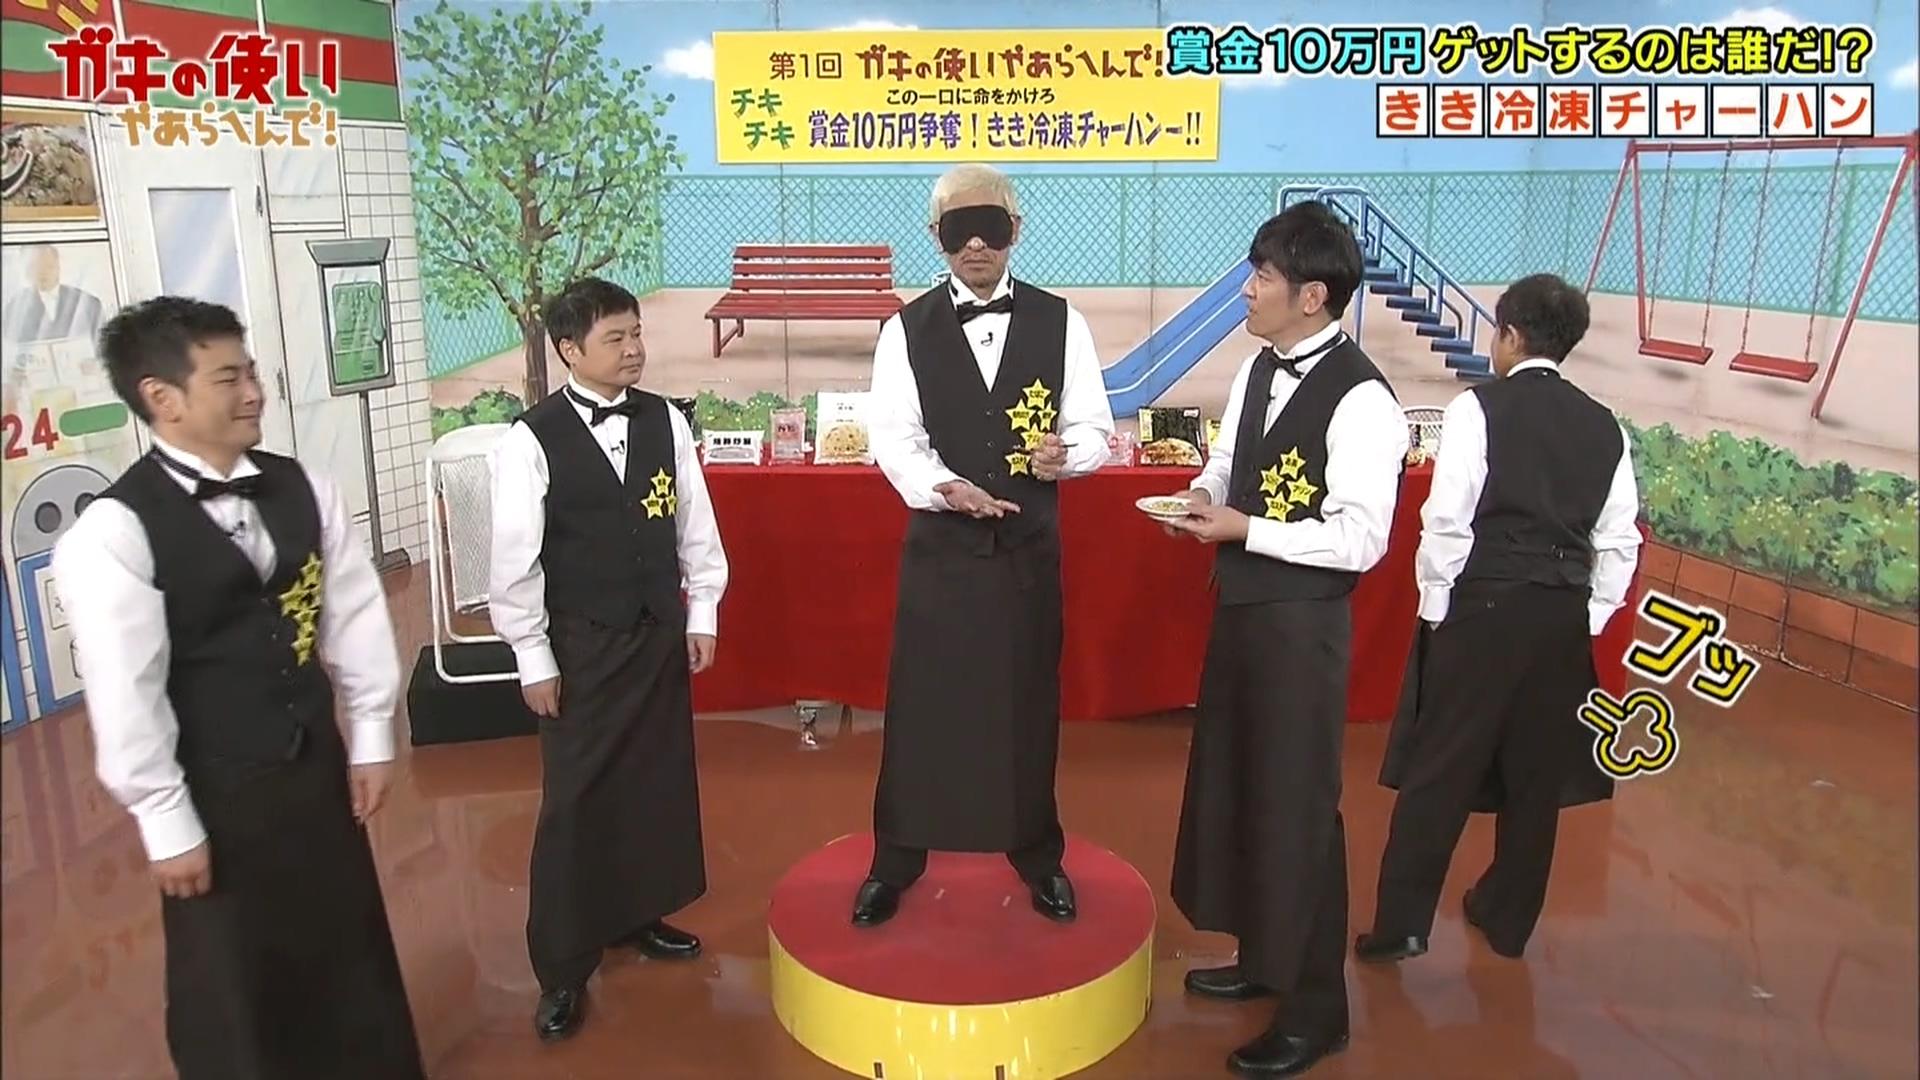 【水曜事务所】Gaki使 争夺10万日元奖金!危机冷冻炒饭~!!190120【中字】